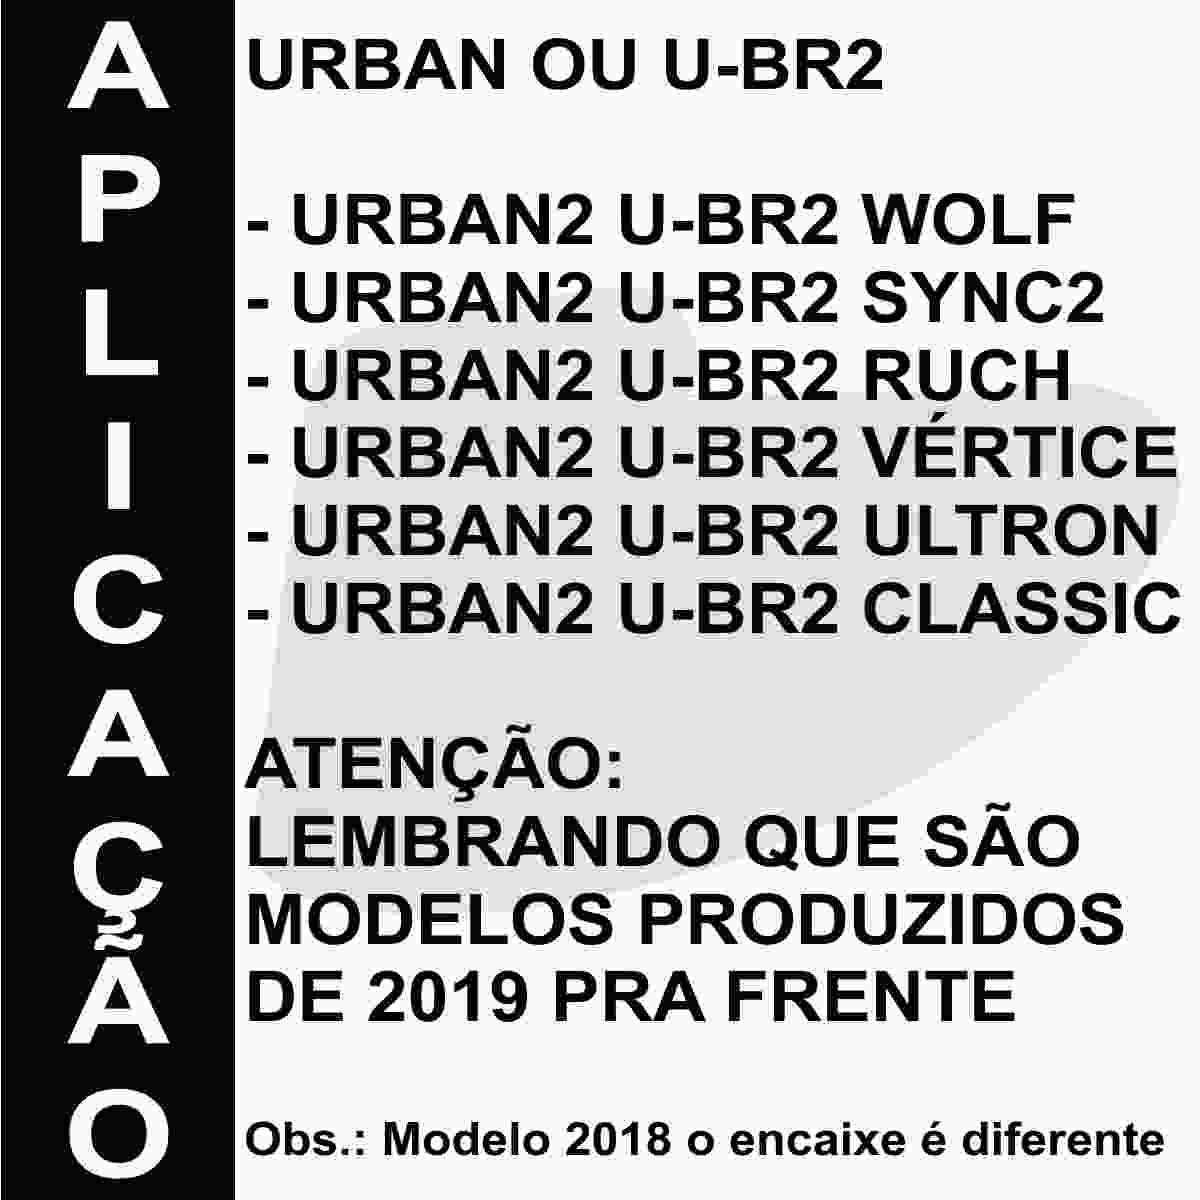 KIT VISEIRA FUMÊ CAPACETE PEELS URBAN U-RB2 19 ANTIRRISCO EM POLICARBONATO + BAIONETA DE FIXAÇÃO